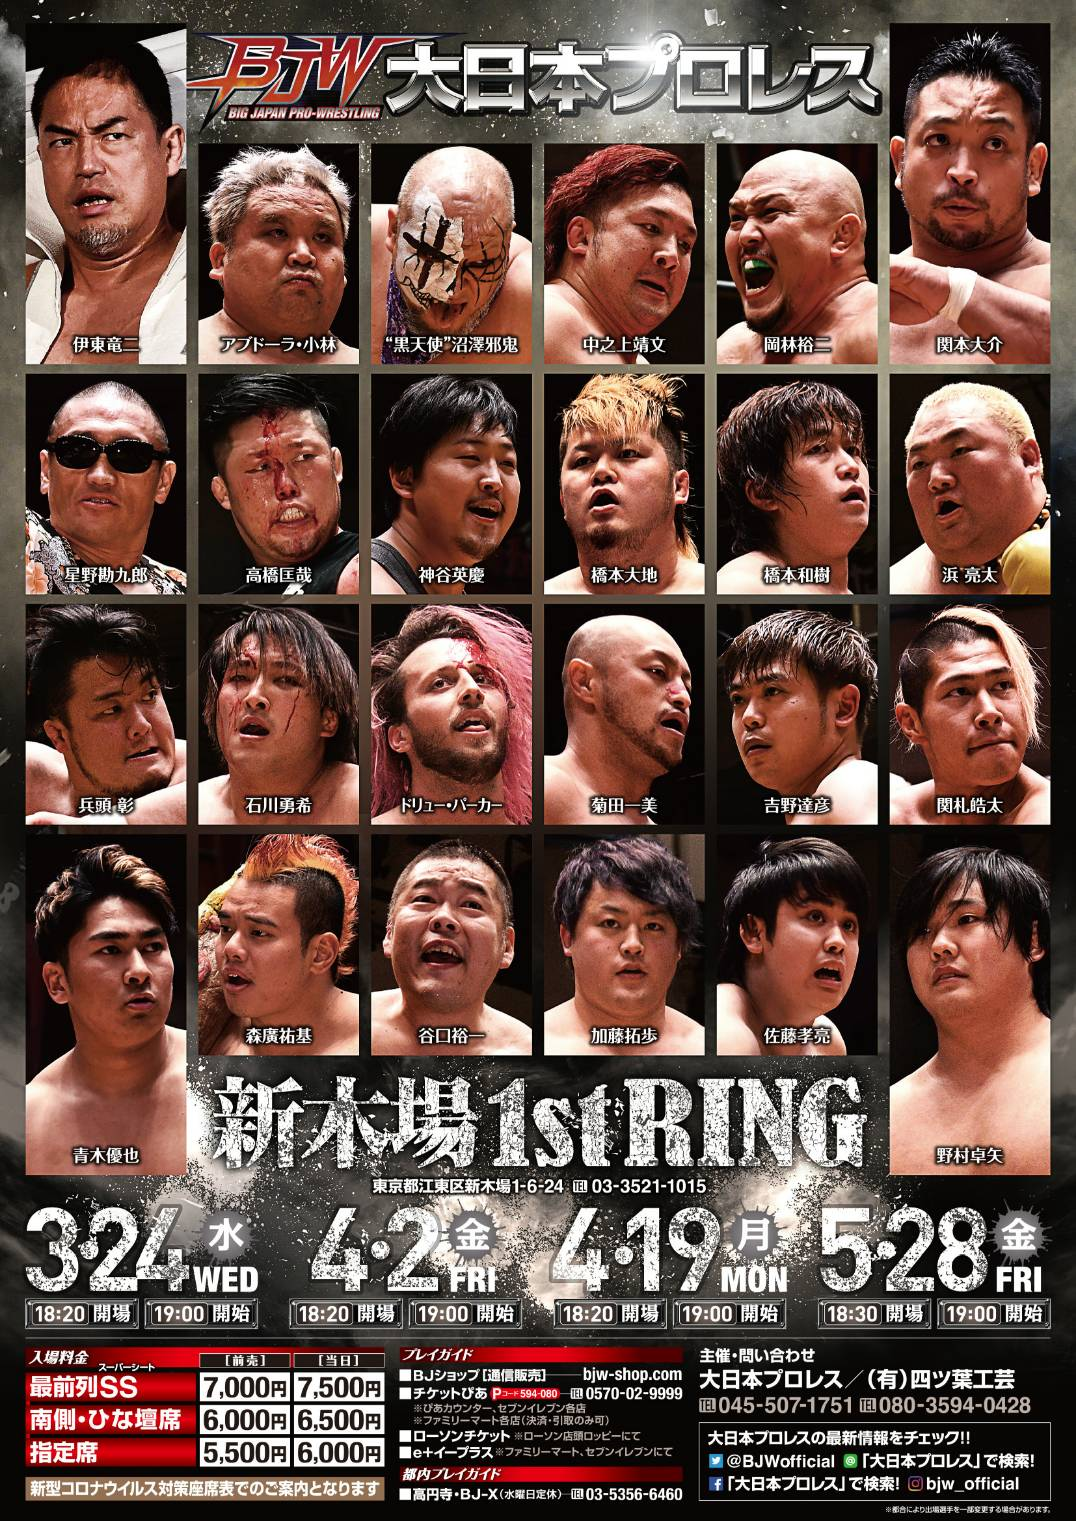 「一騎当千DeathMatch Survivor~公式戦」東京・新木場1stRING大会